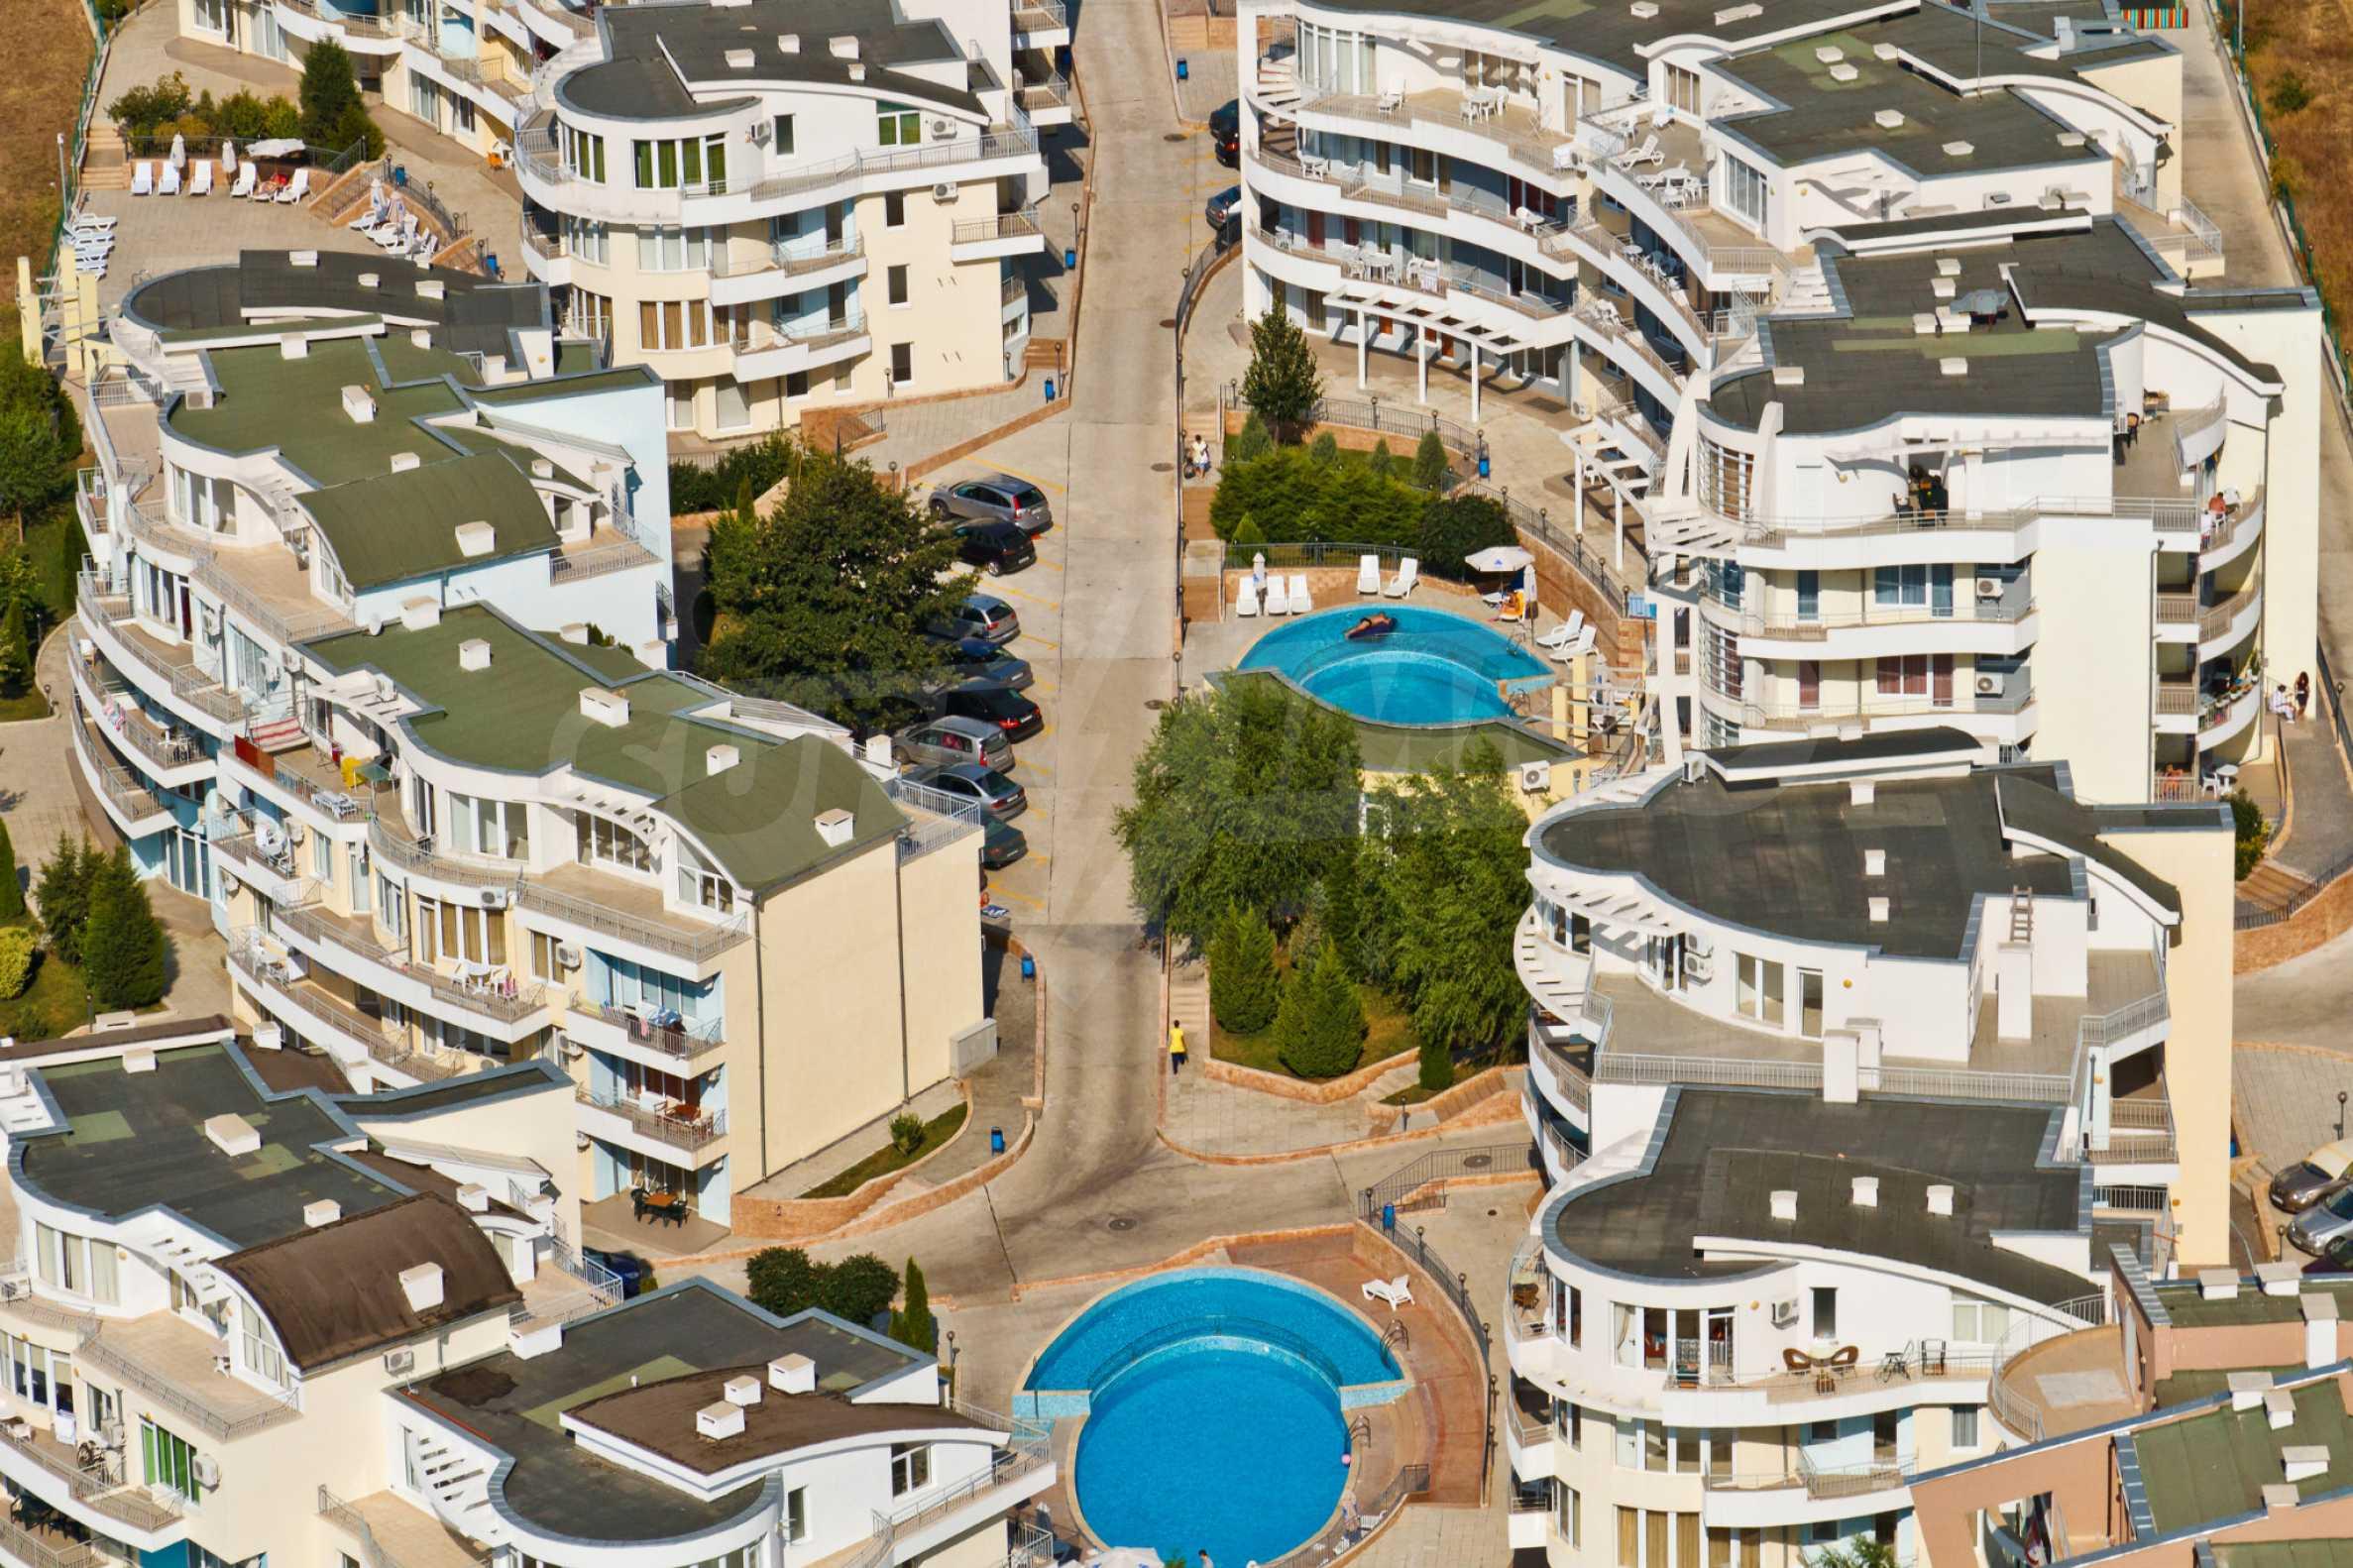 Erschlossene Grundstücke in der luxuriösen Villa-Siedlung SUNSET VILLAS 17